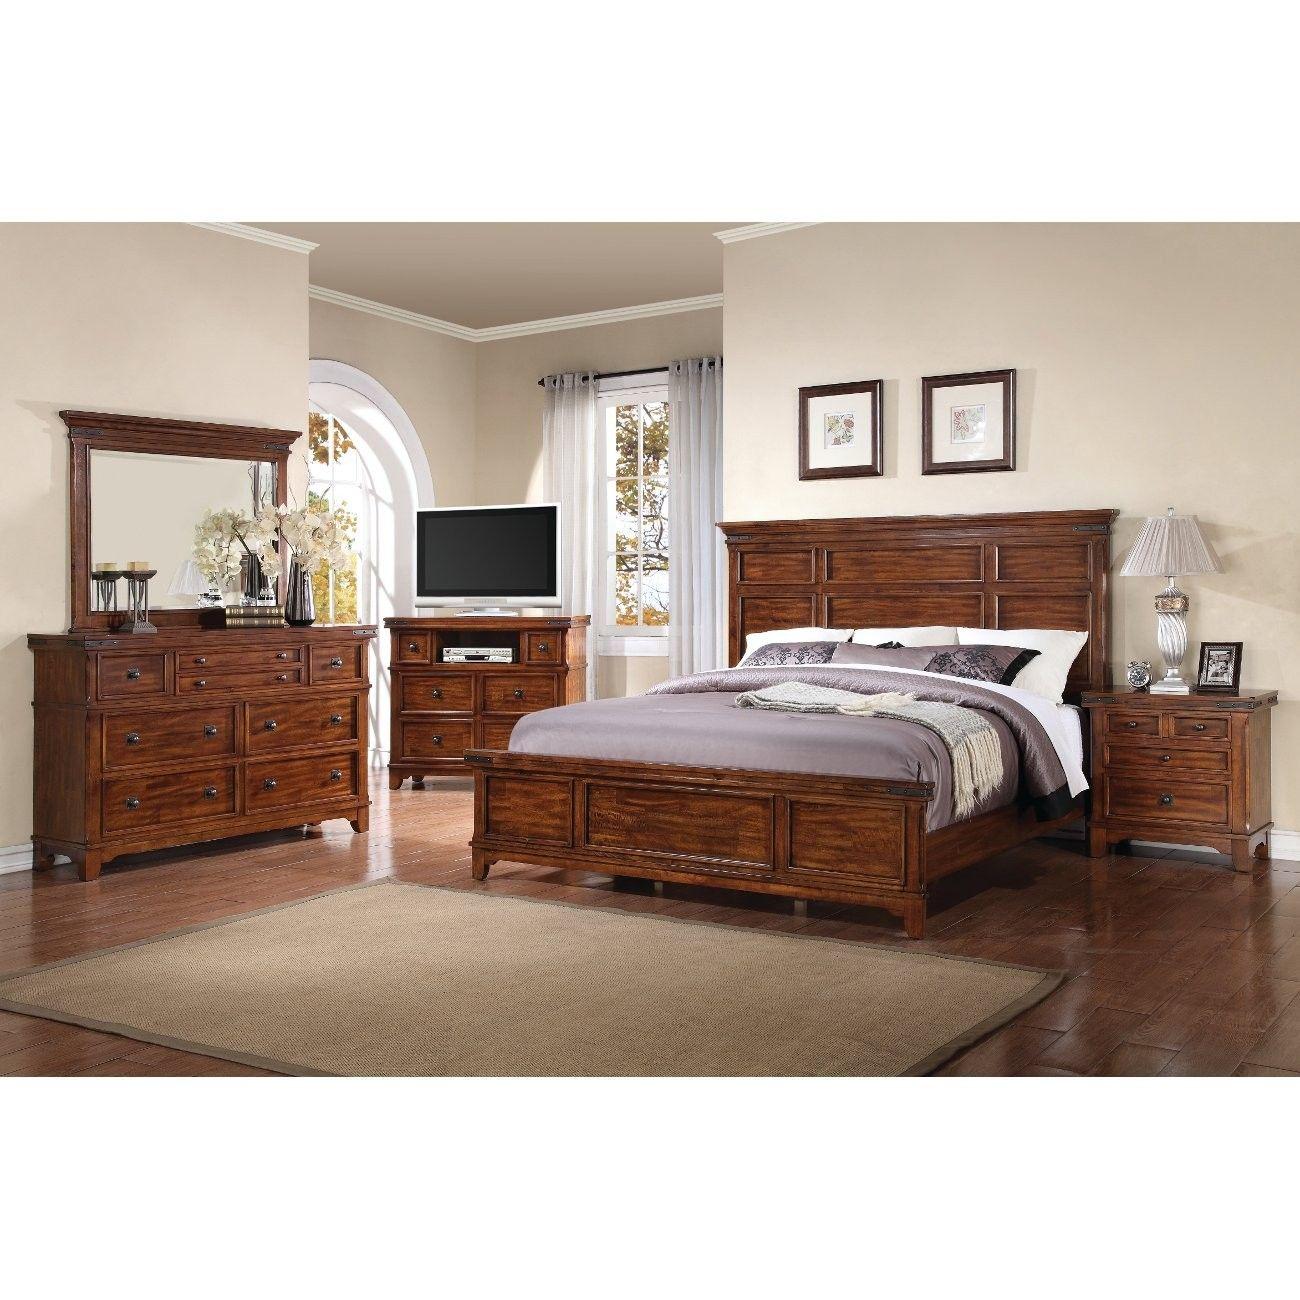 Sierra Ridge Bedroom Collection Queen (2668) Wood